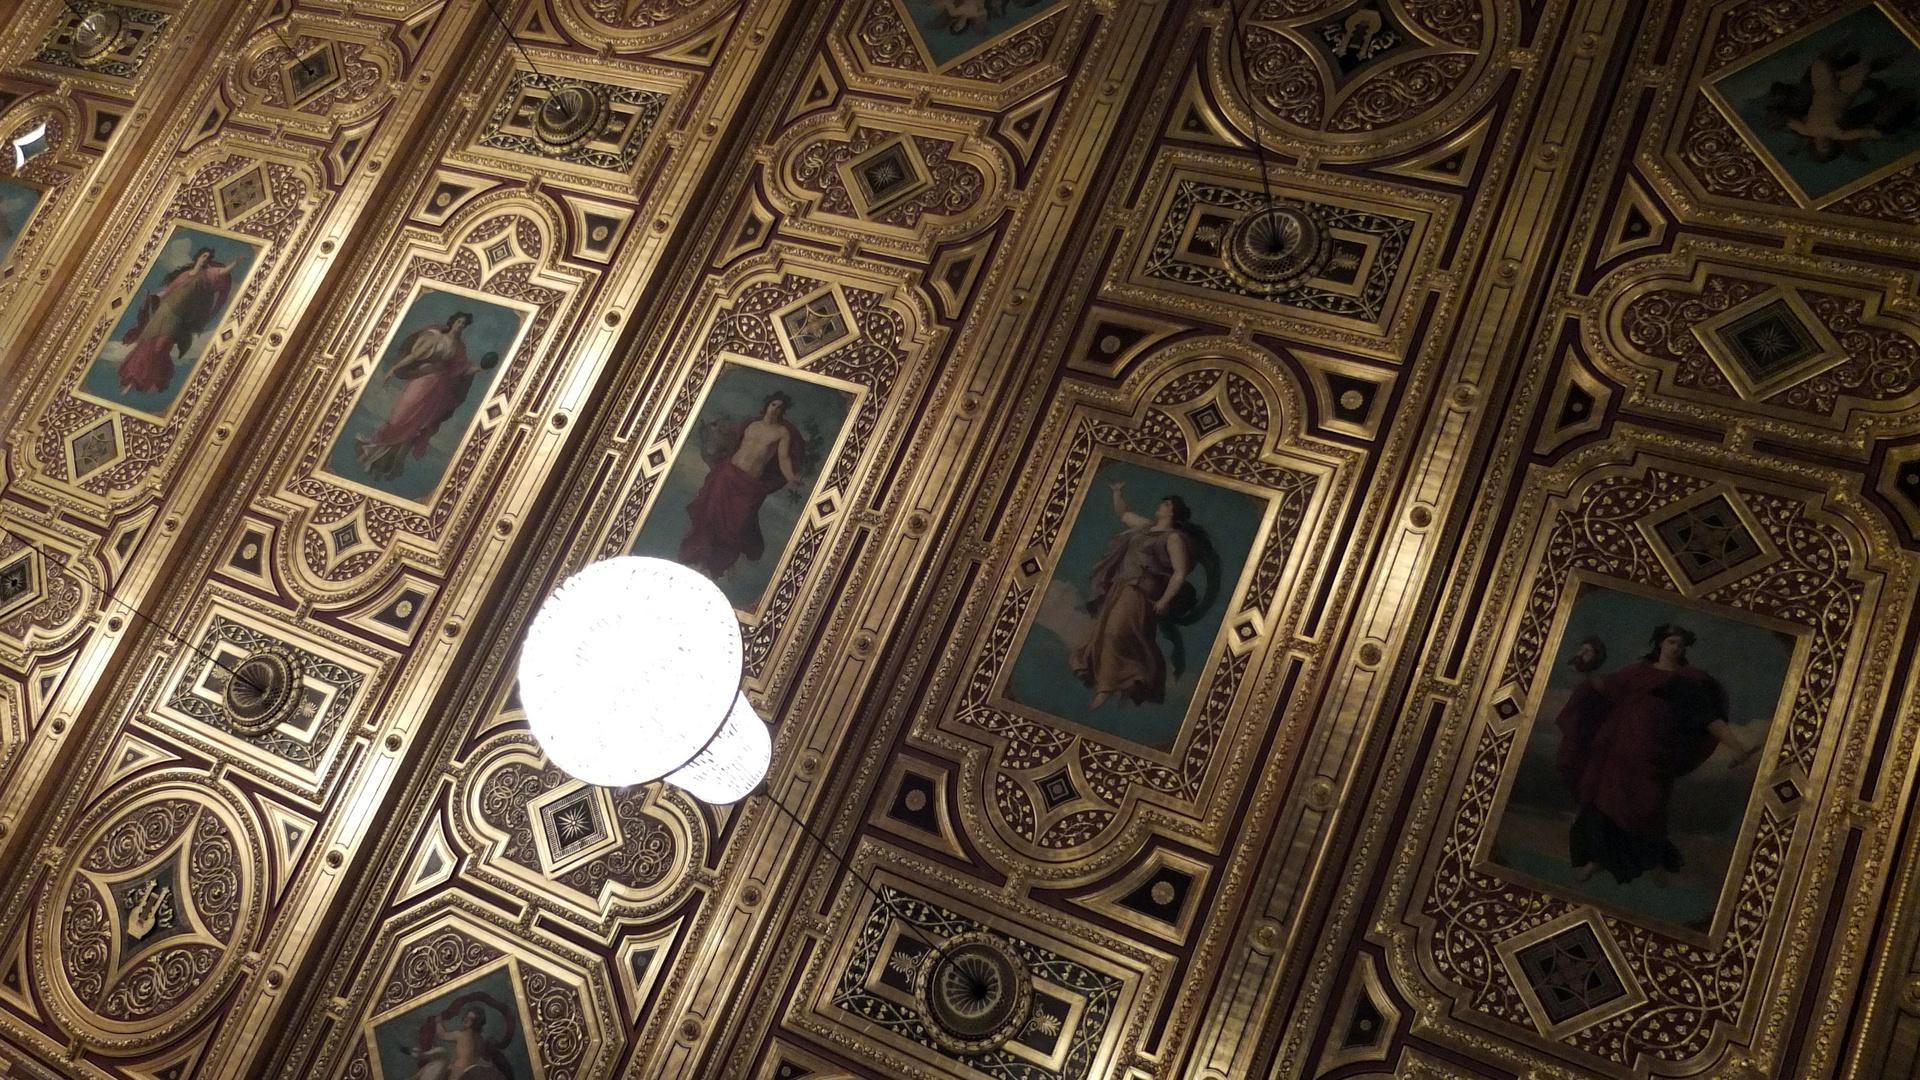 Decke des Goldenen Saales im Wiener Musikverein